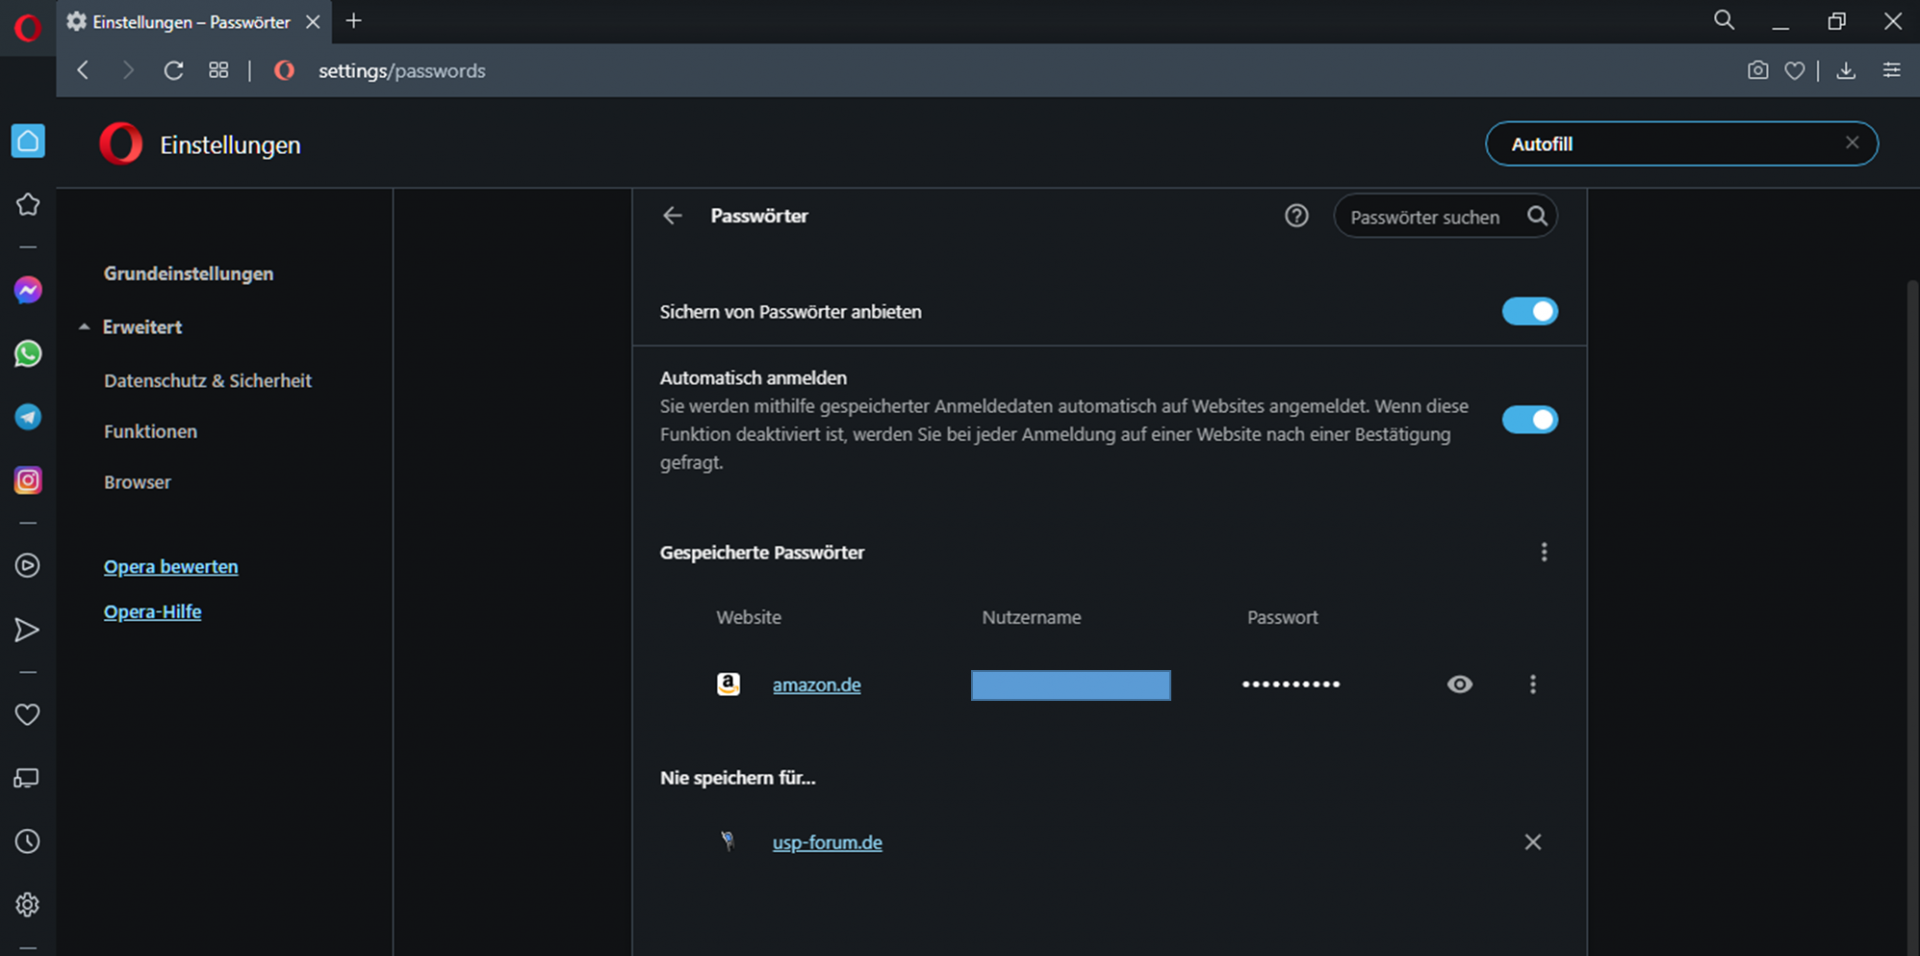 #Opera #OperaBrowser #Browser #Chromium Ratgeber Tipps Tricks Hilfe Anleitungen FAQ Ratgeber T...png